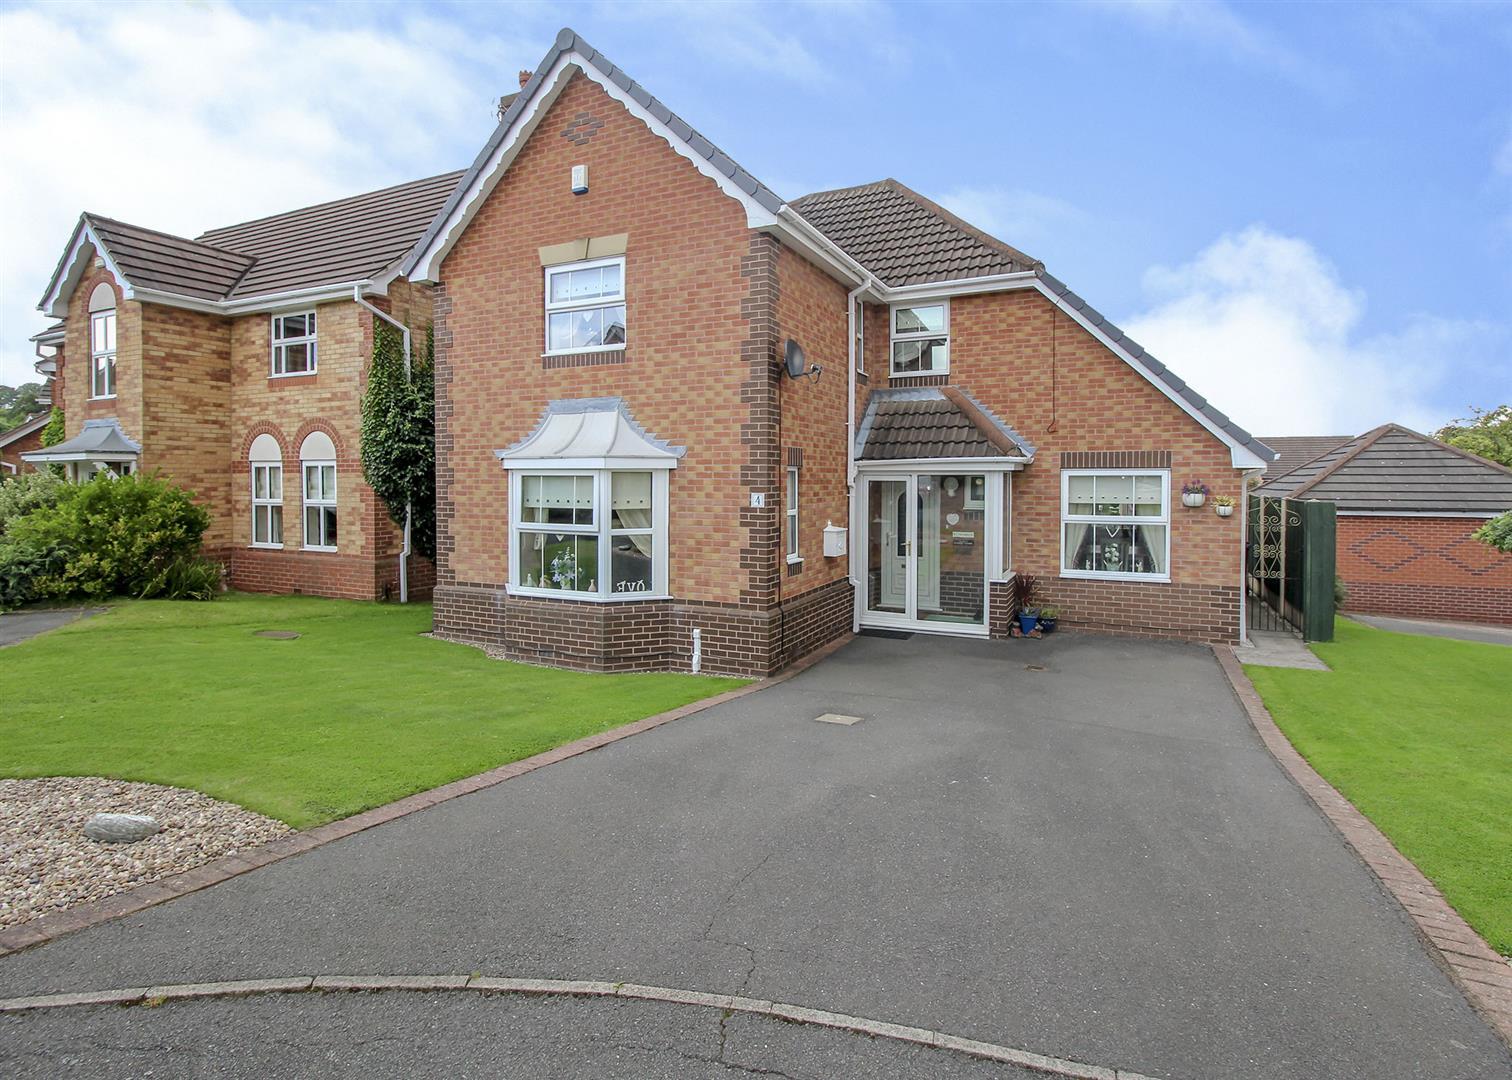 4 Bedrooms House for sale in Walker Grove, Stapleford, Nottingham